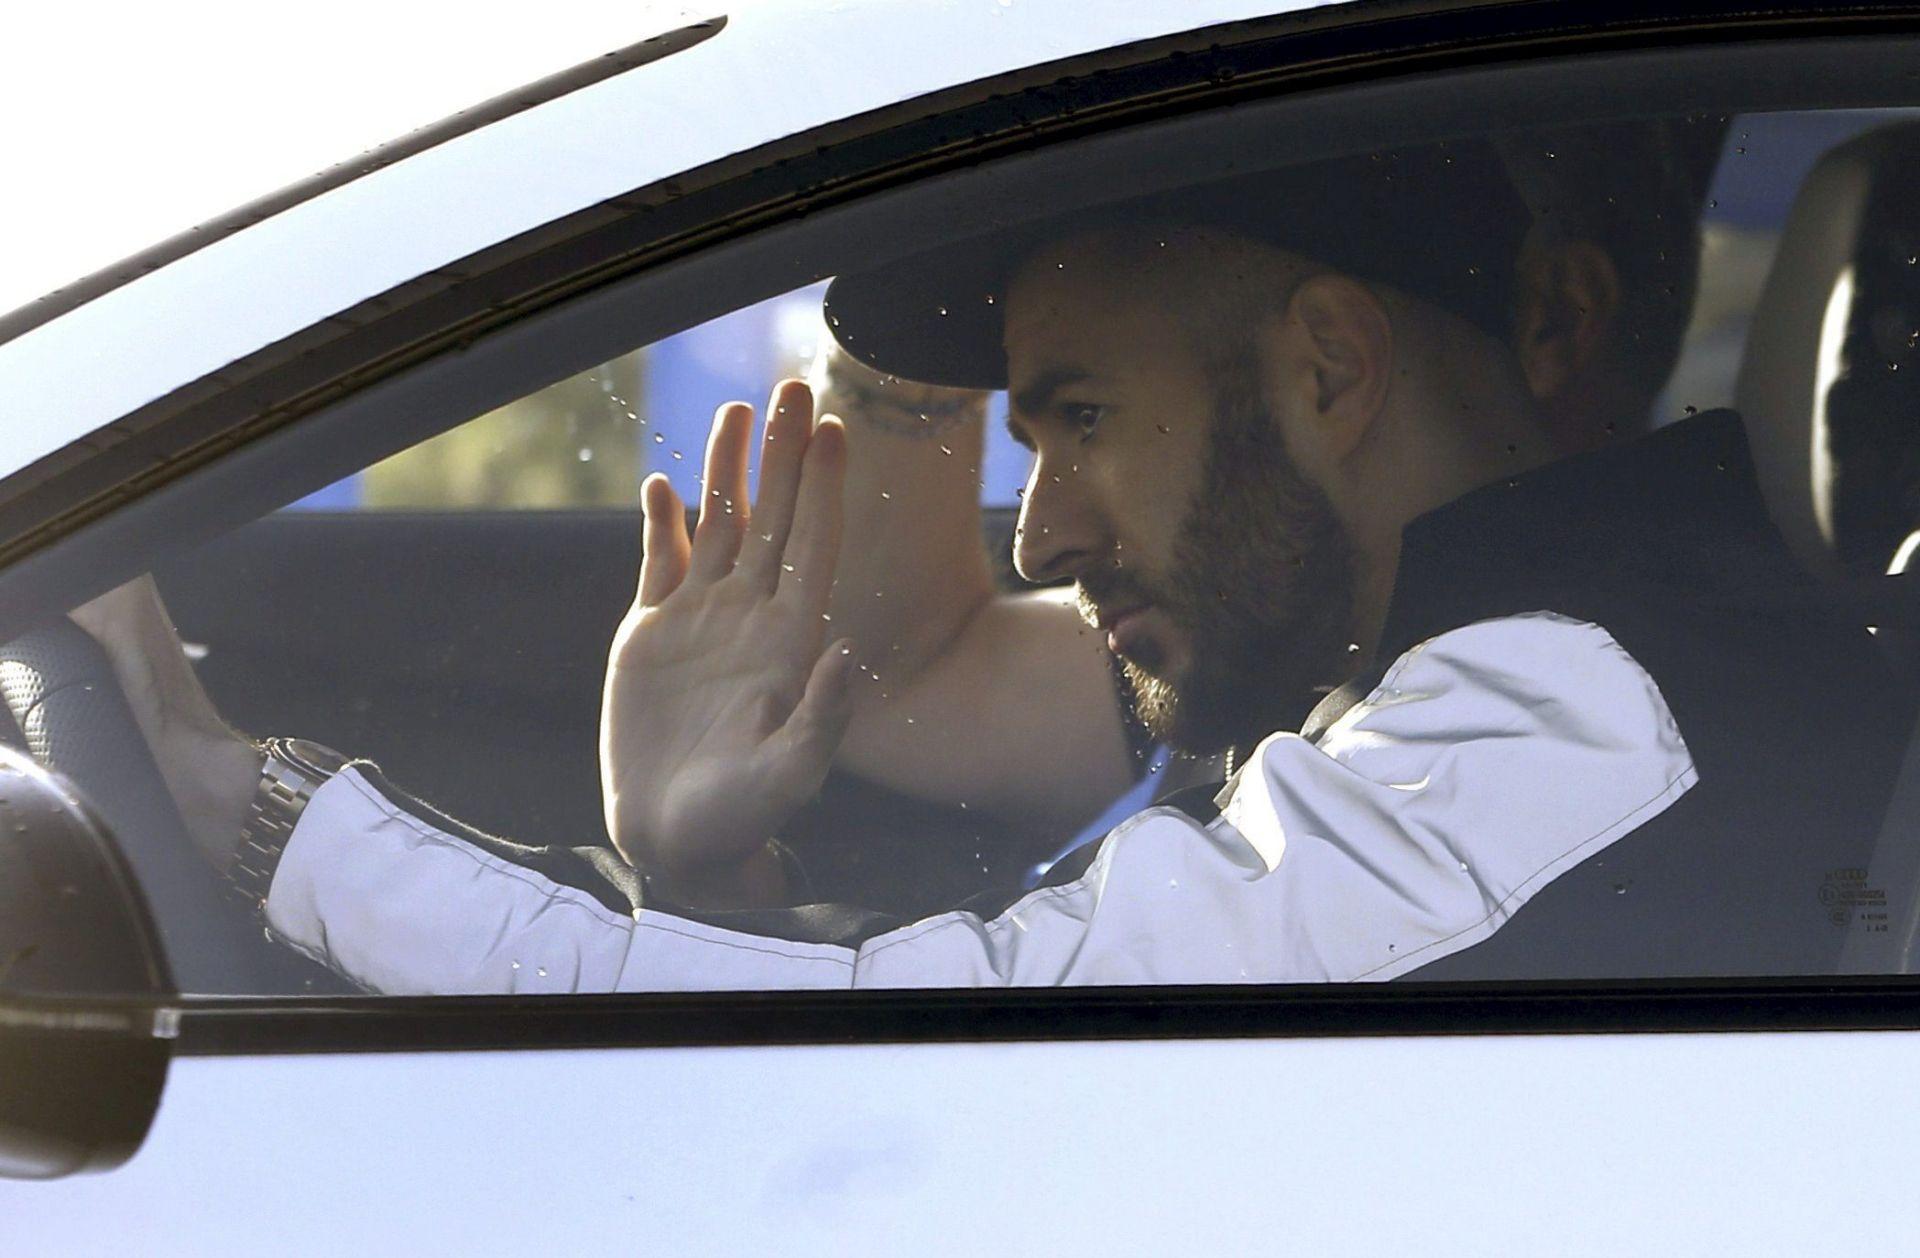 """PEREZ I REAL MADRID STALI IZA BENZEME """"Ima našu punu podršku, vjerujemo kako je sva napravio u dobroj namjeri"""""""